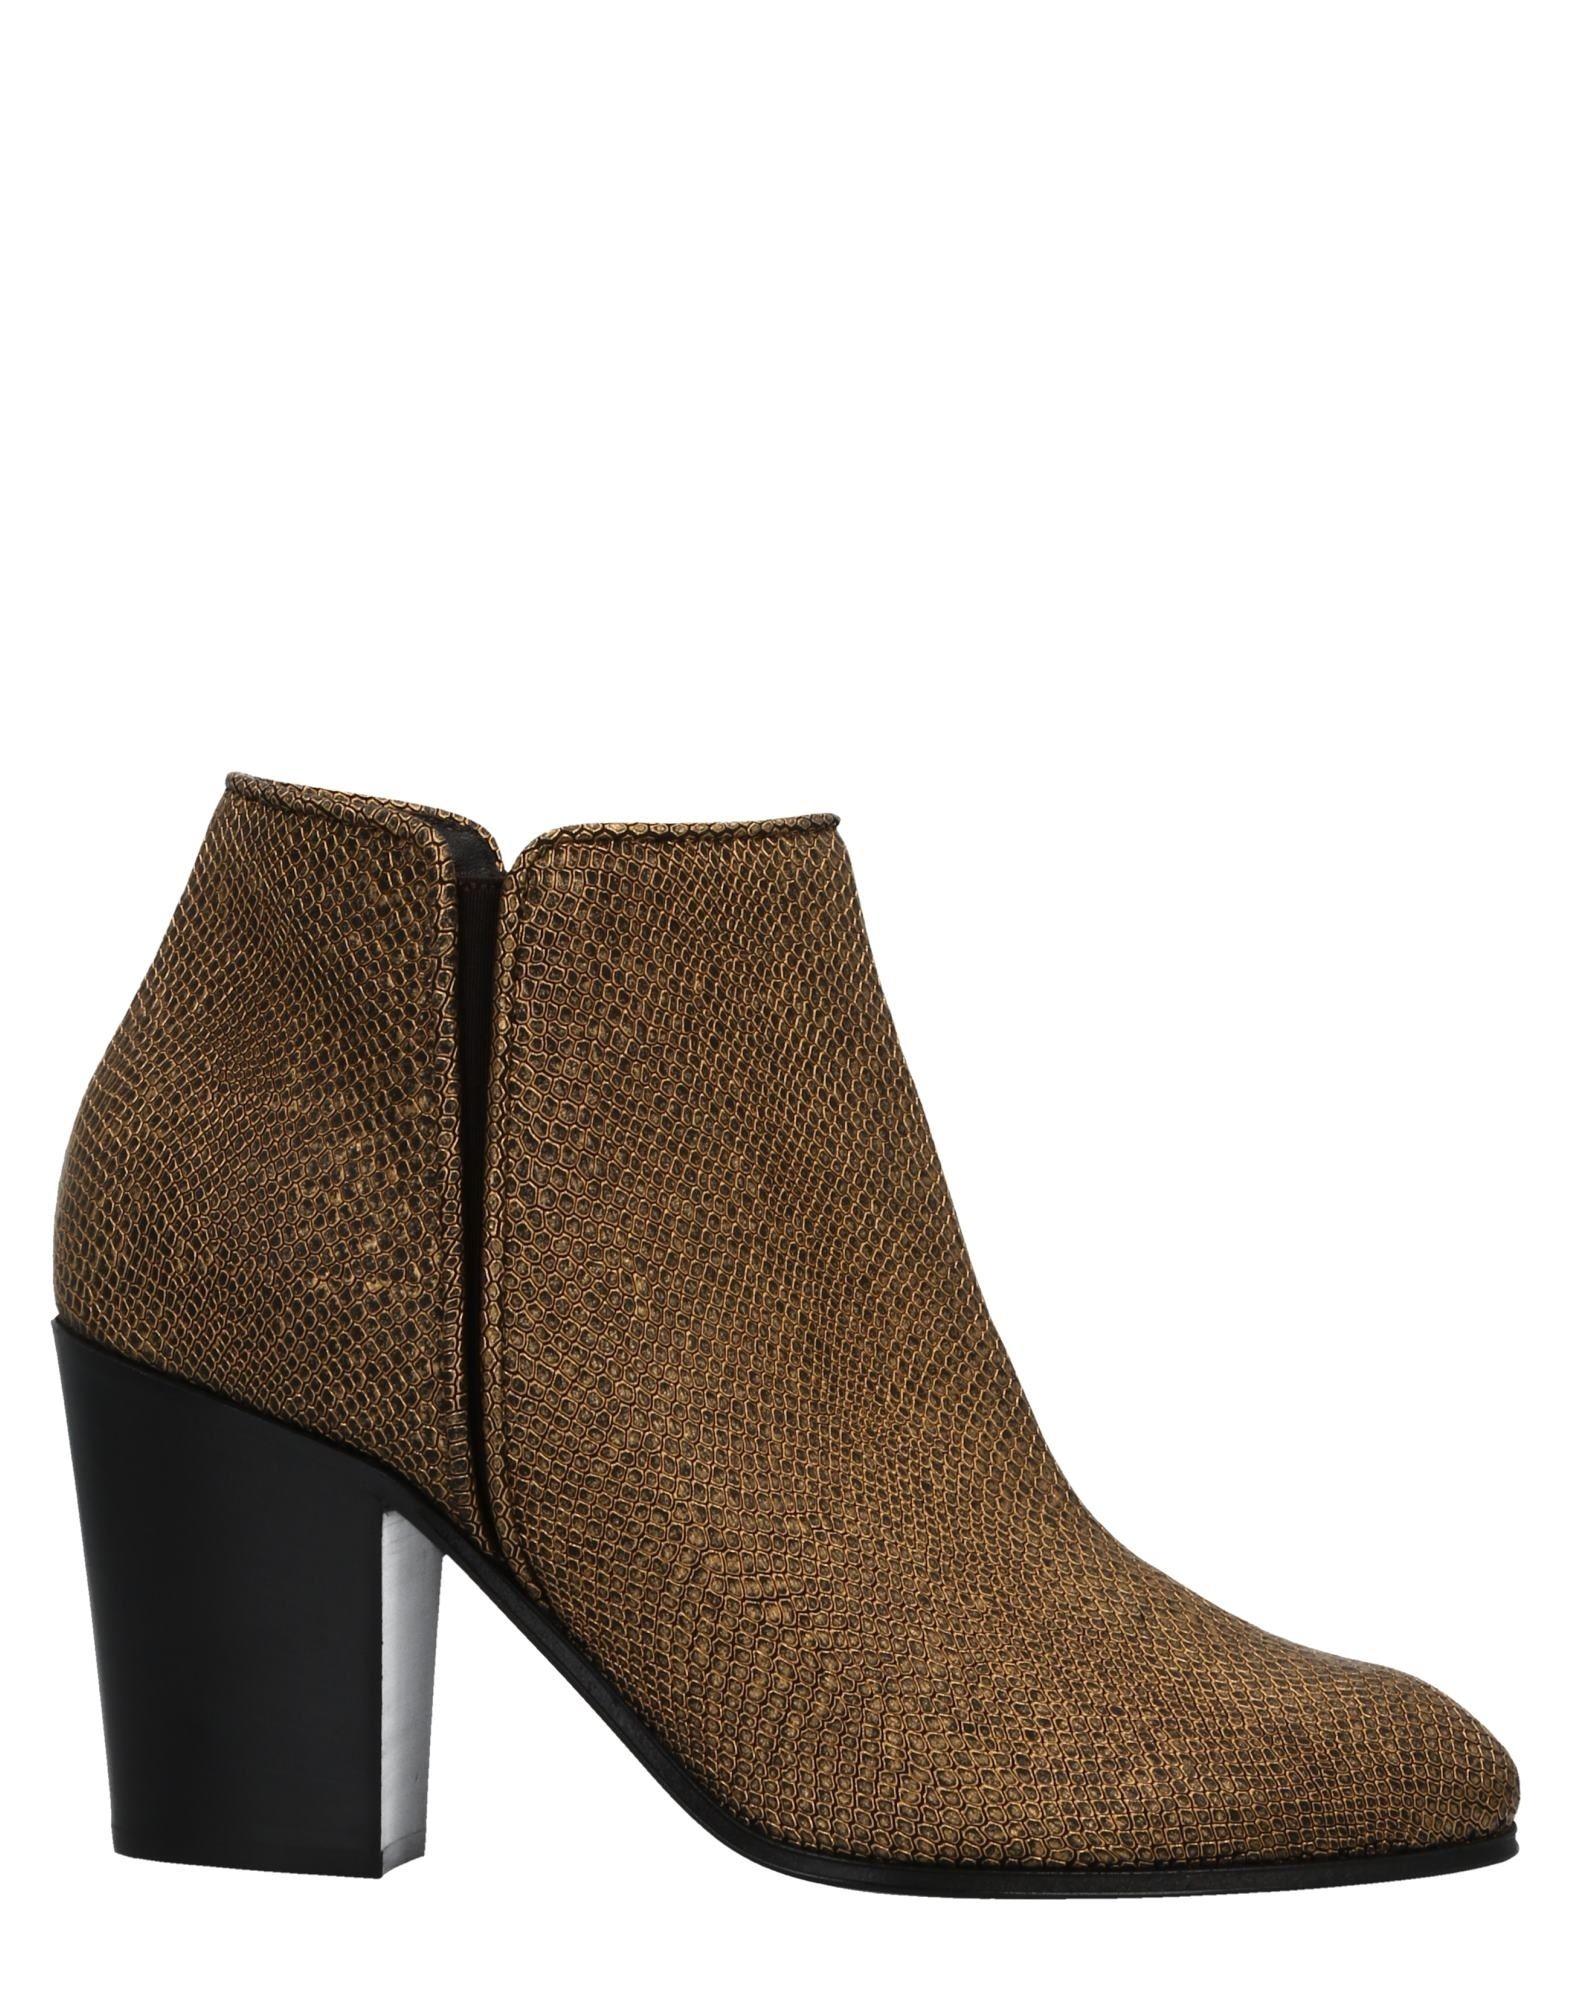 Bottine Giuseppe Zanotti Femme - Bottines Giuseppe Zanotti Or Dernières chaussures discount pour hommes et femmes